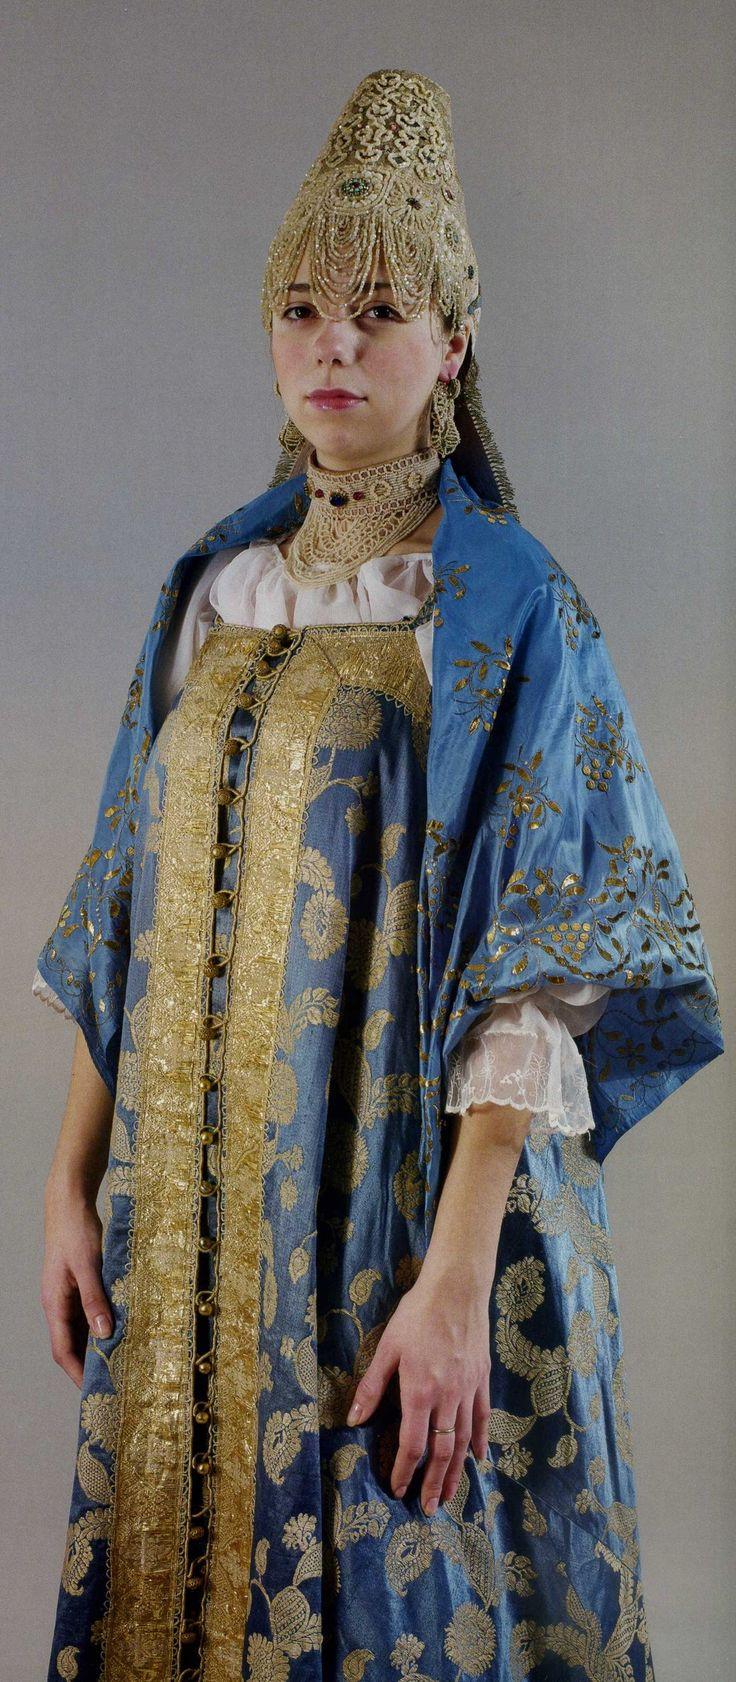 Девичий праздничный костюм. ХIХ век. Нижегородская губерния Повязка, сарафан…